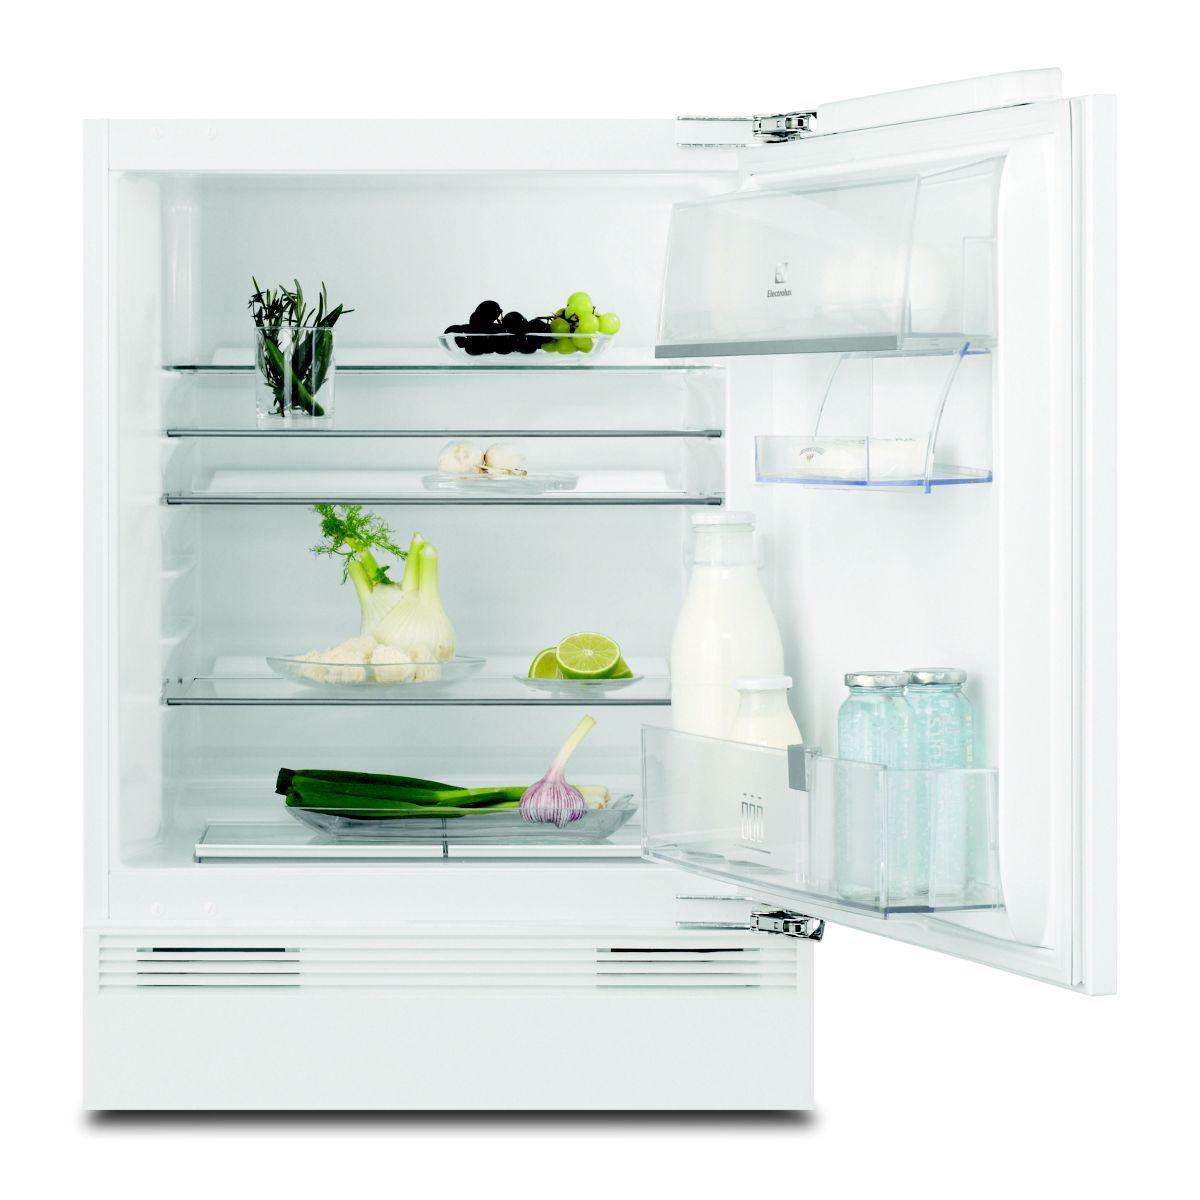 Réfrigérateur encastrable electrolux ery1401aow - 2% de remise immédiate avec le code : cool2 (photo)